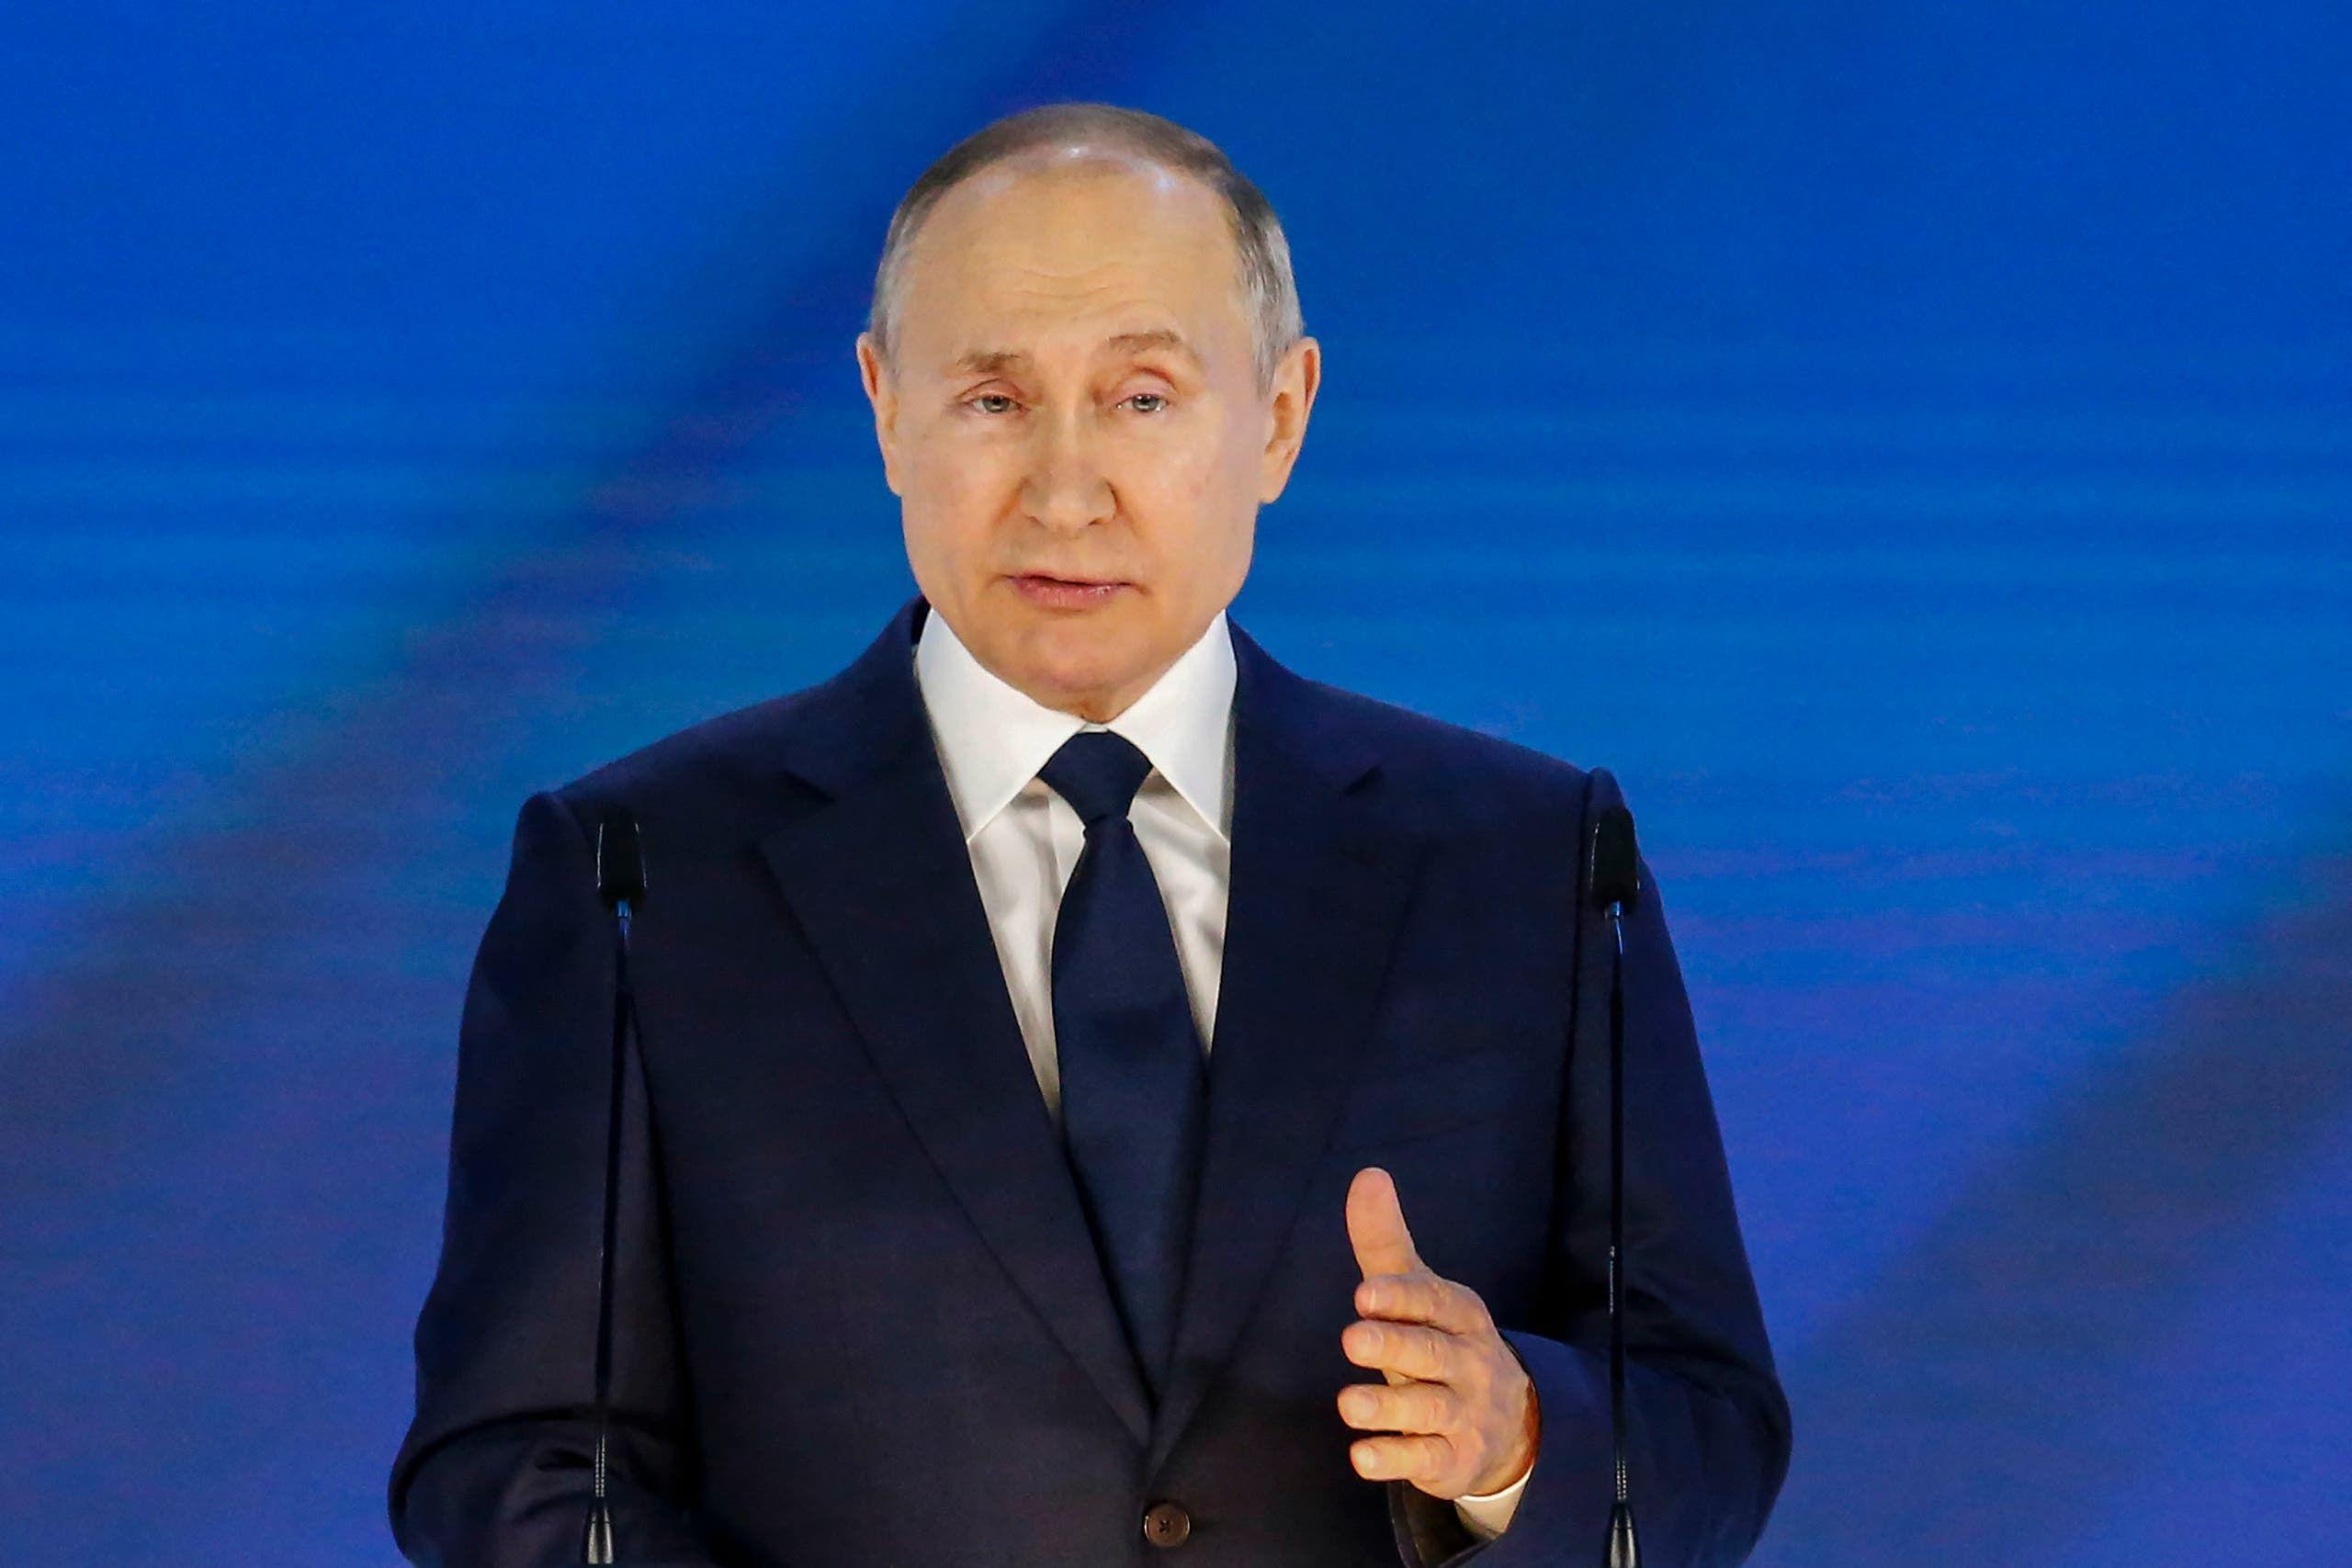 الرئيس الروسي فلاديمير بوتين (فرانس برس)